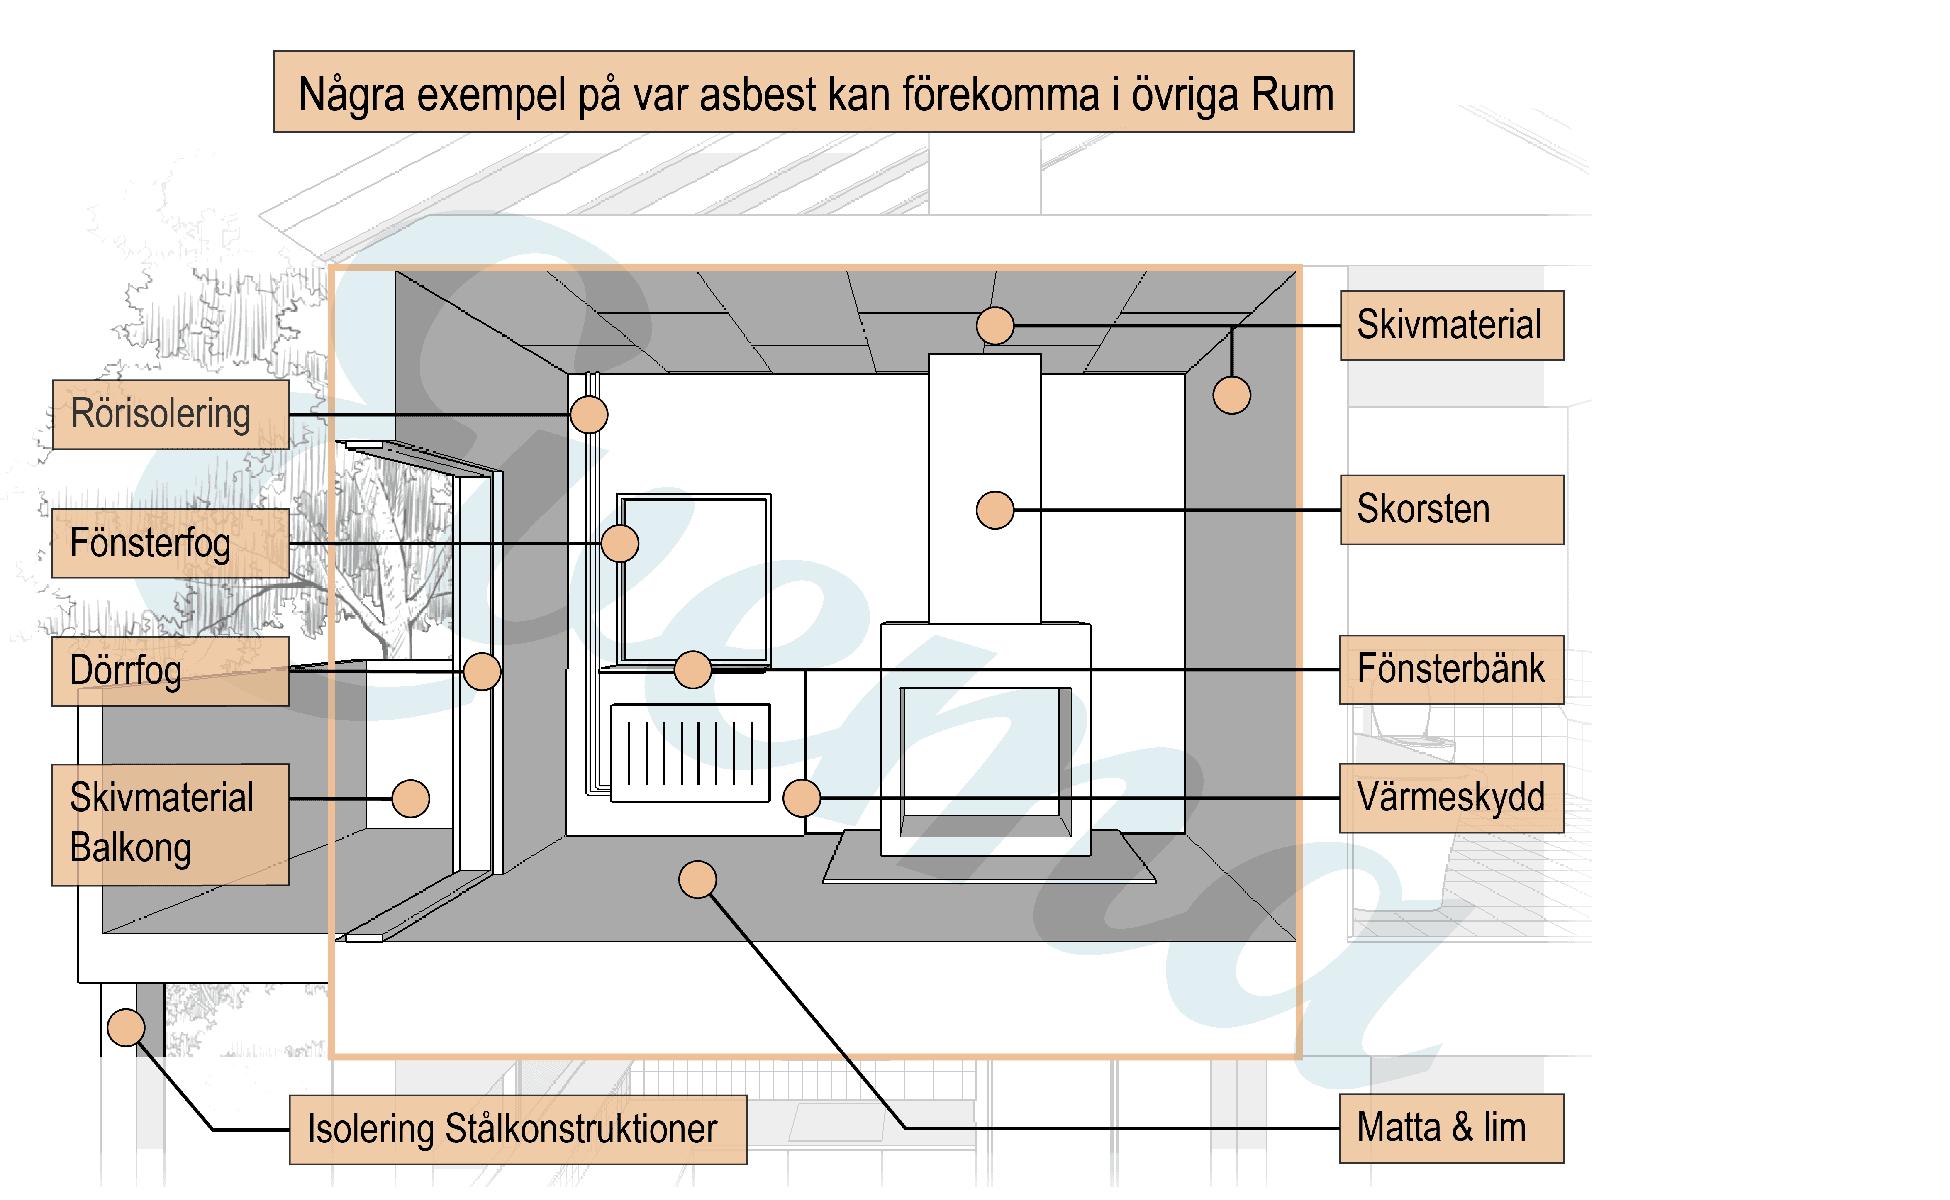 Grafisk bild som visar vart det kan finnas asbest i ett vanligt rum